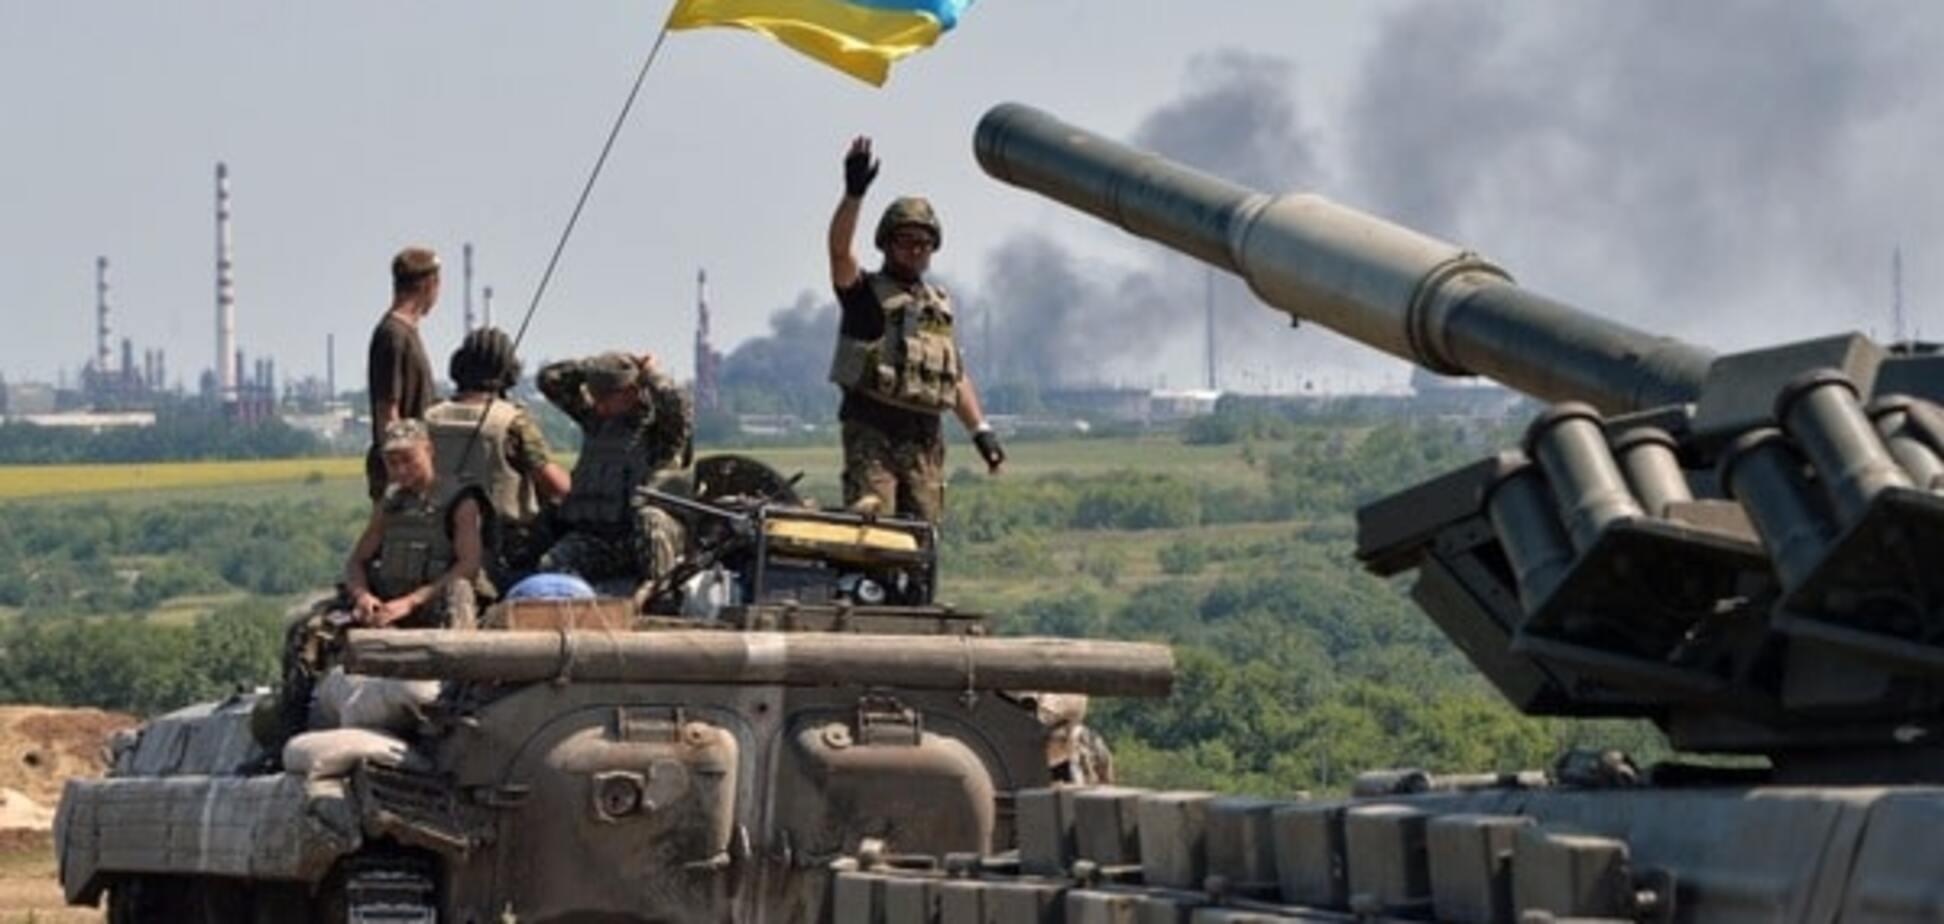 Террористы пошли на штурм: под Новотроицким состоялся серьезный бой